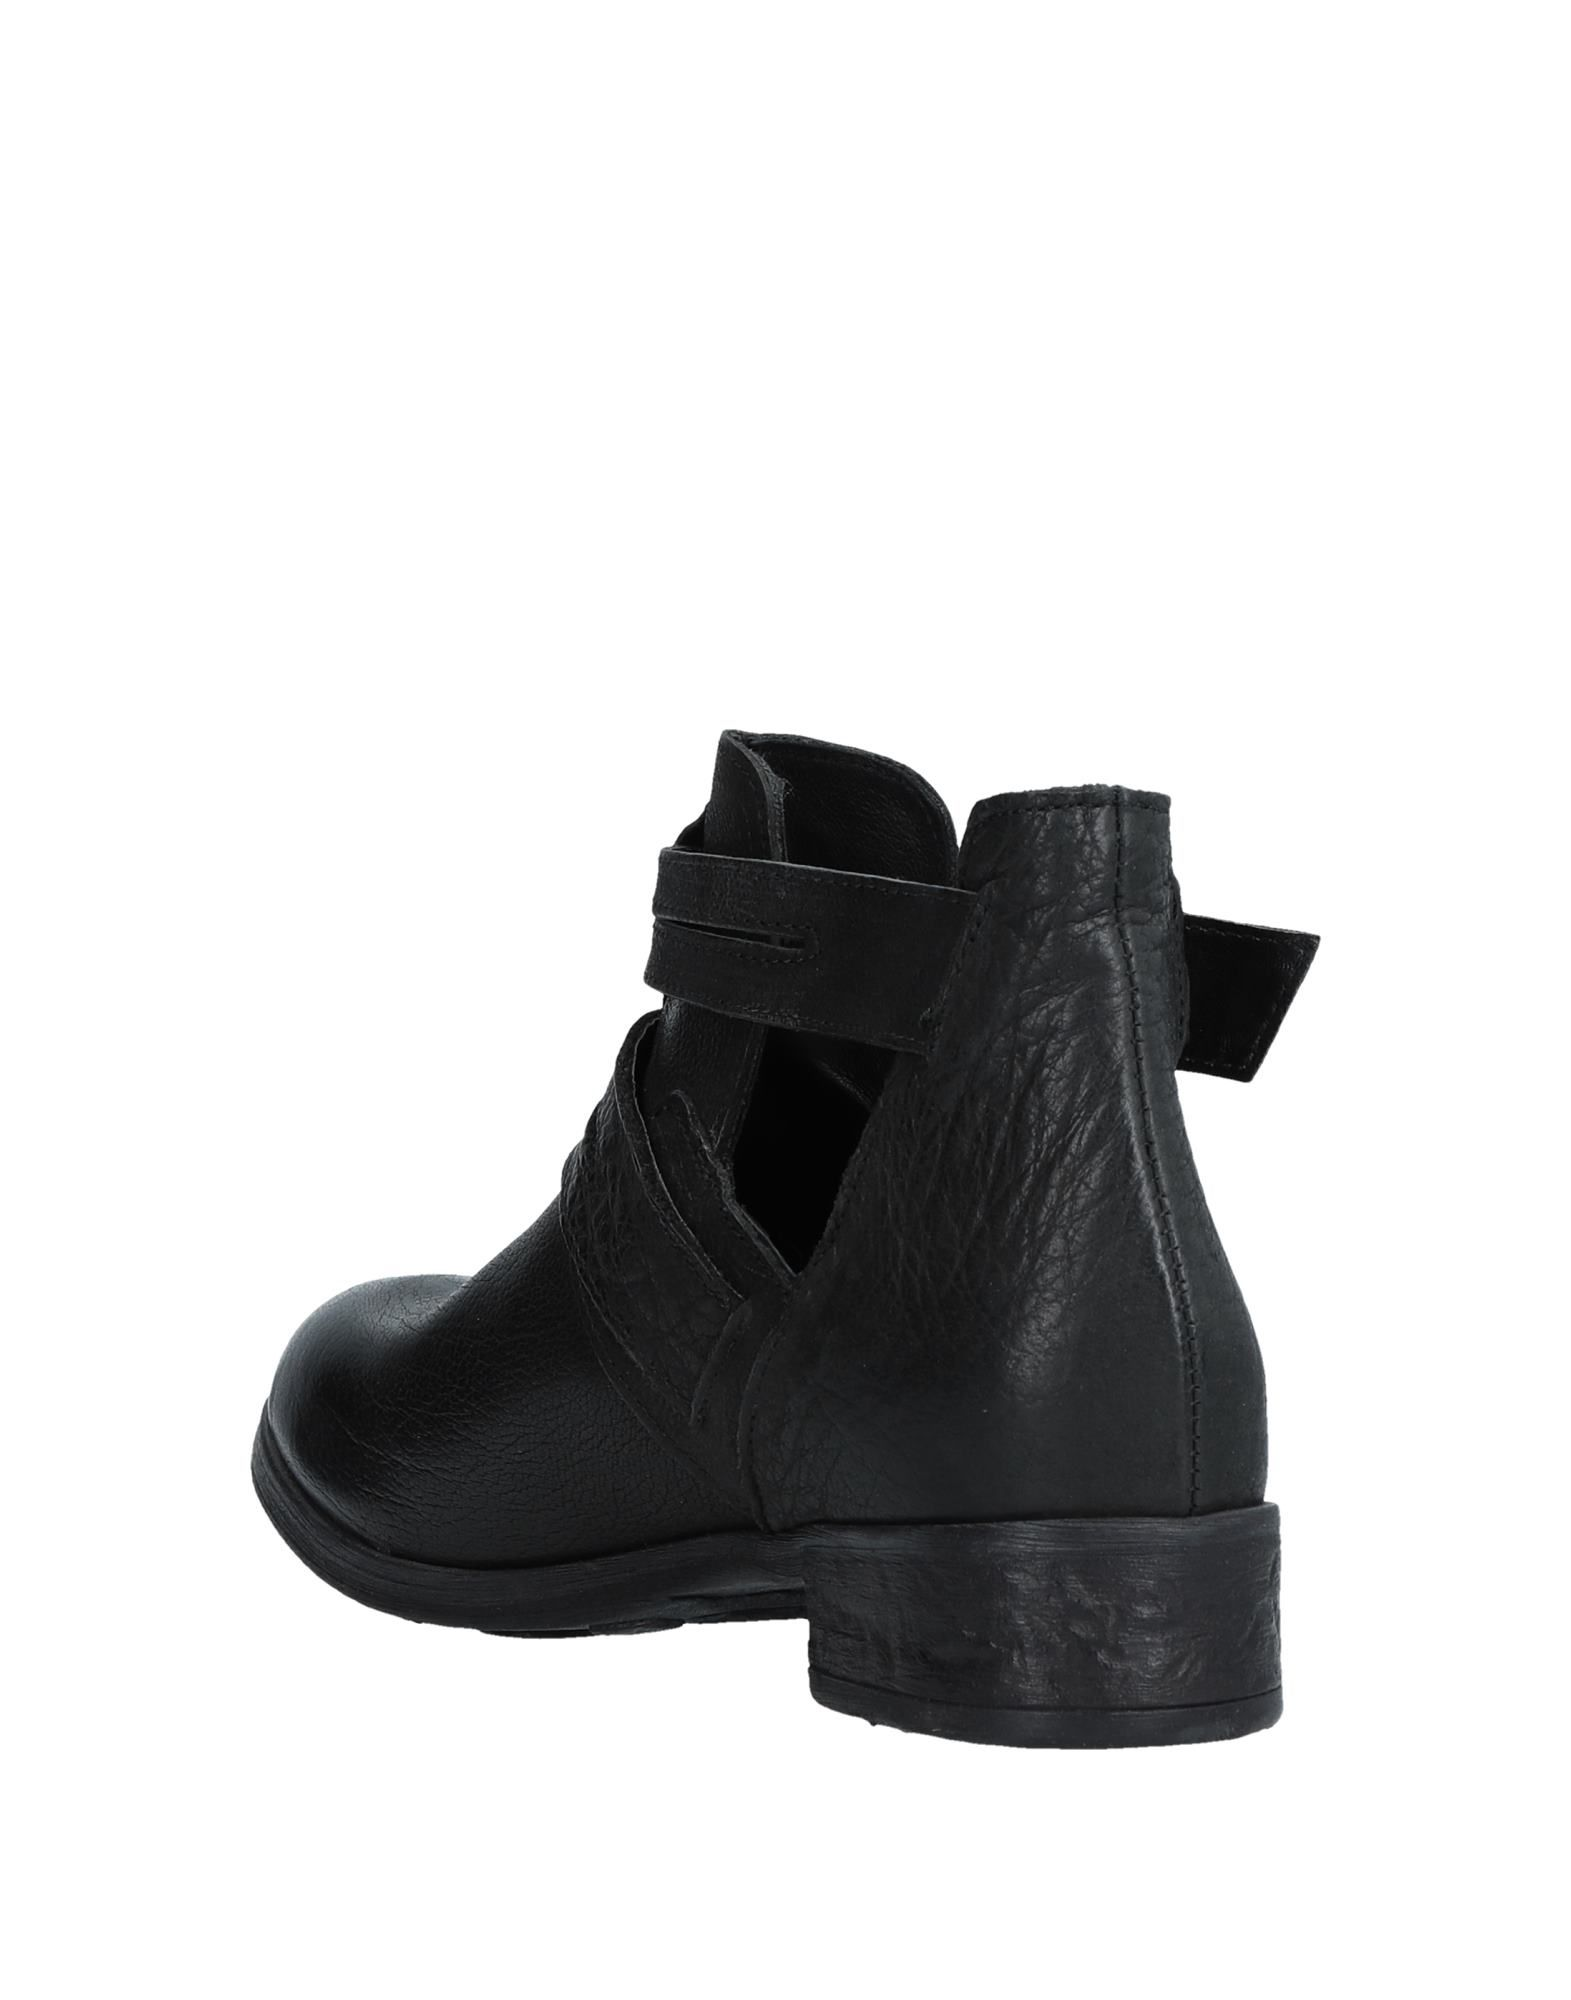 Police 883 Stiefelette Qualität Damen  11526253AJ Gute Qualität Stiefelette beliebte Schuhe 6ccdf3